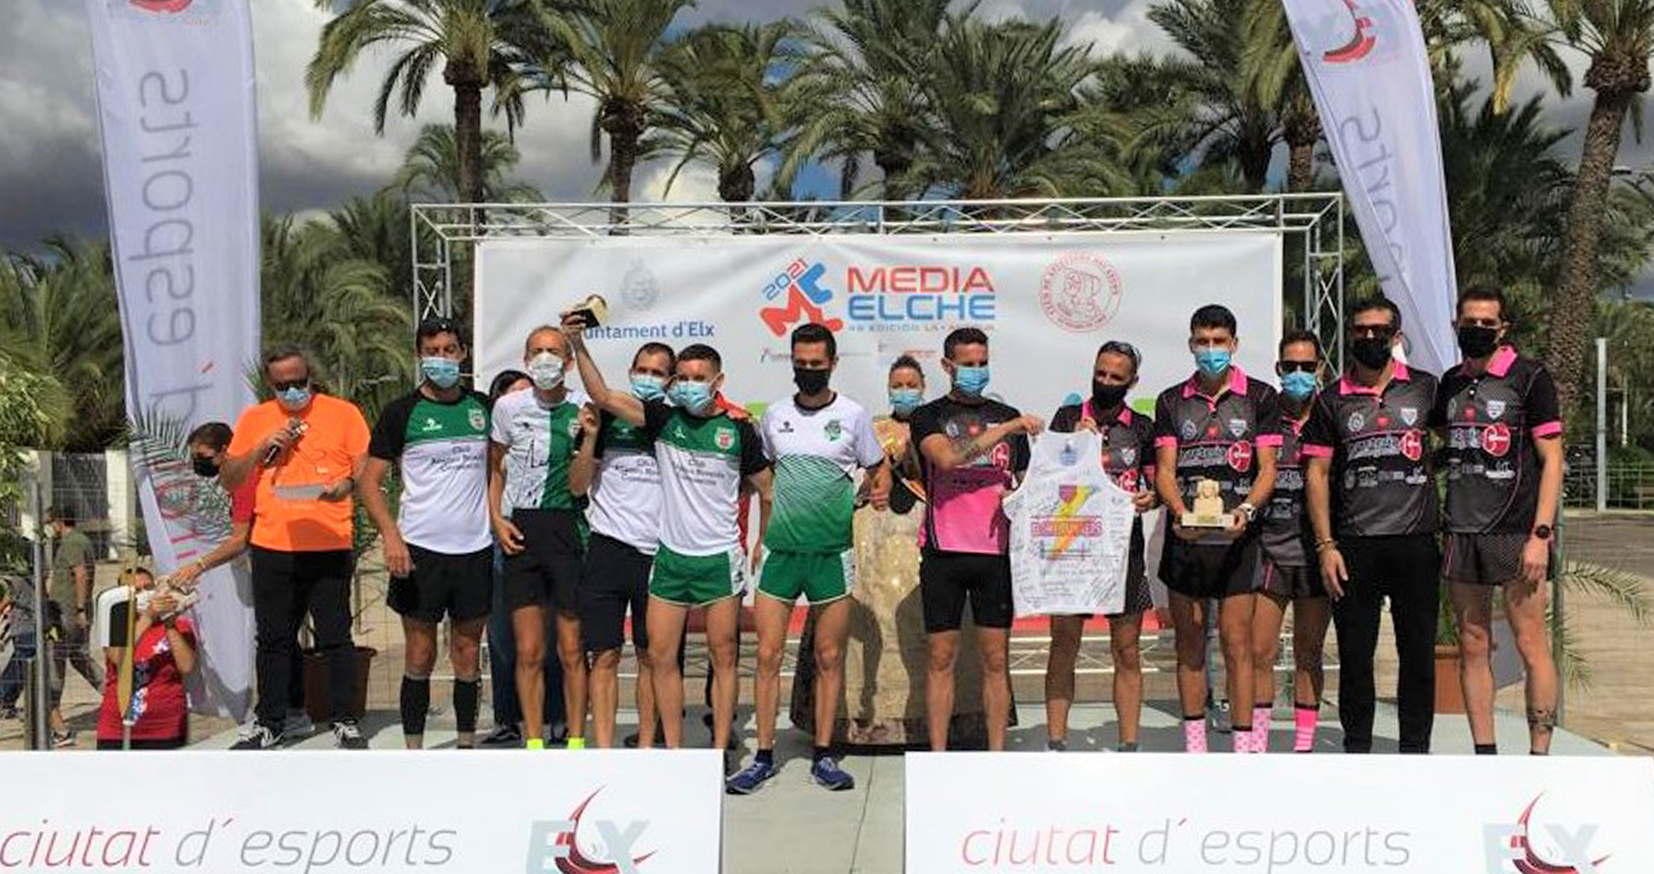 Gran victoria por equipos del Club Atlético Novelda Carmencita en la  48 Media maratón internacional ciudad de Elche